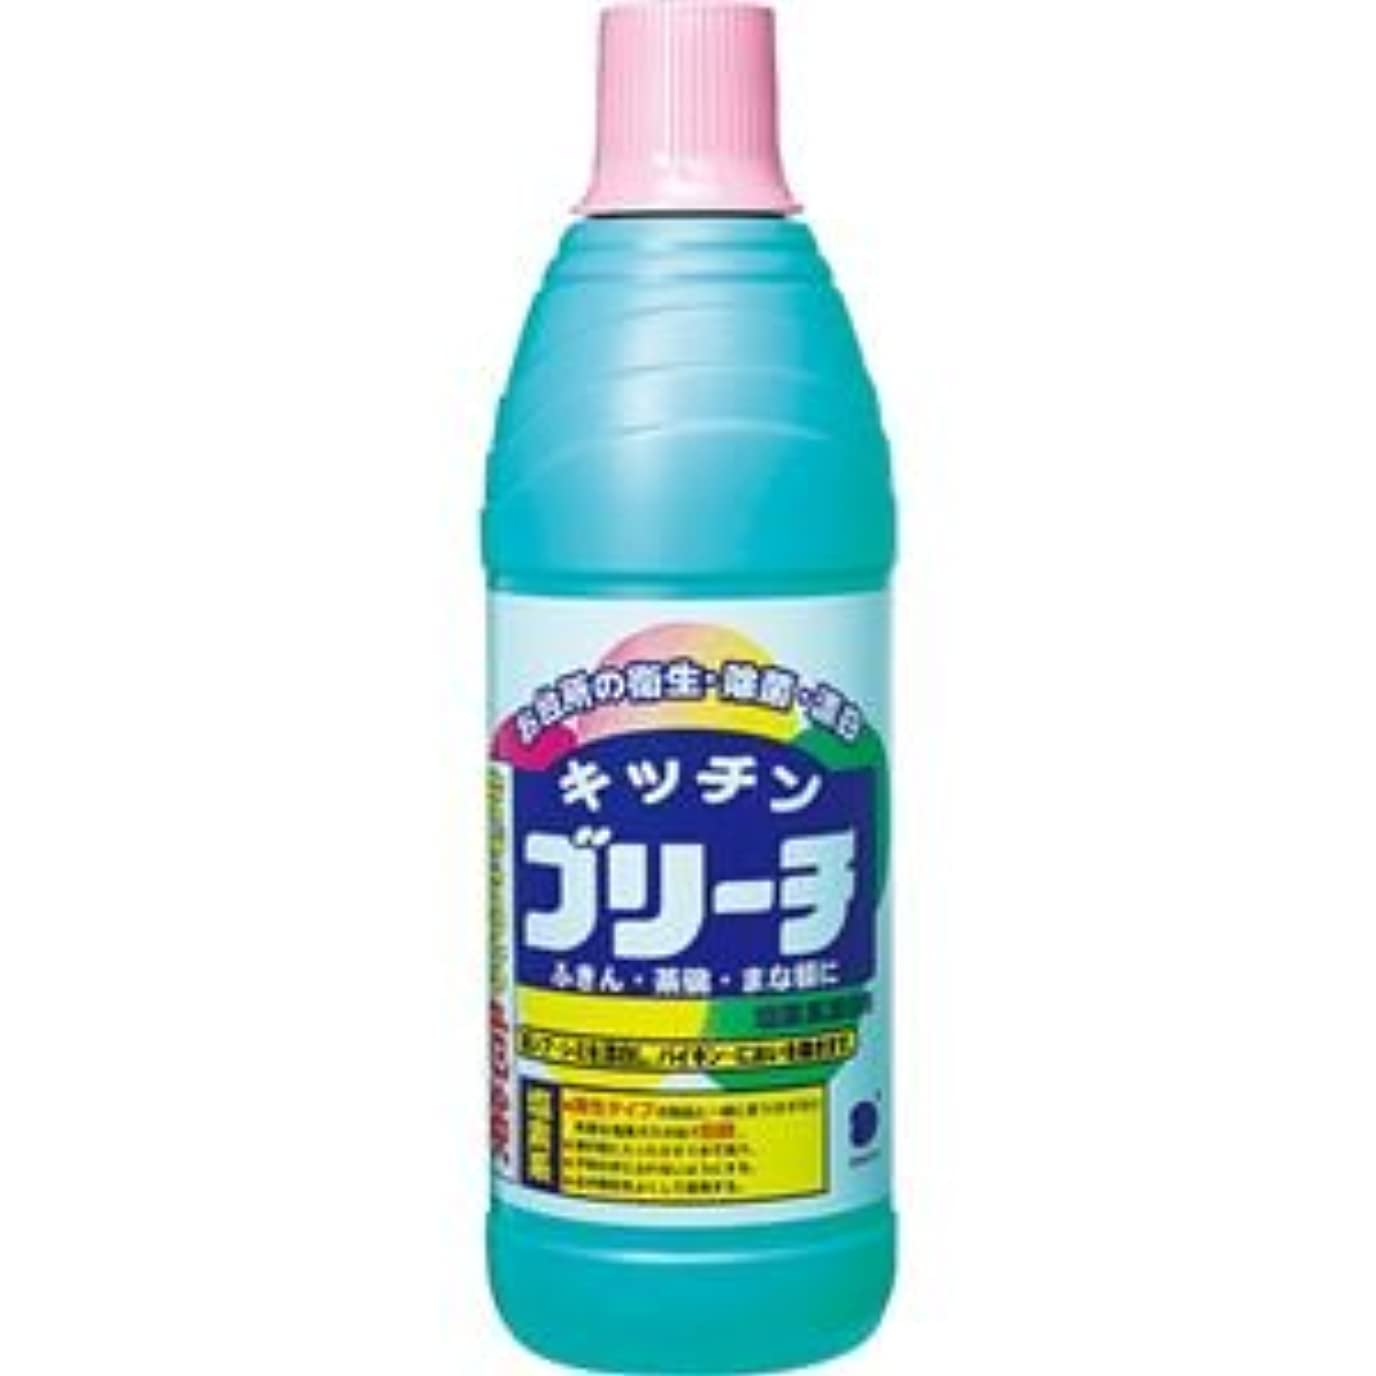 知覚するレクリエーション未亡人(まとめ) 第一石鹸 キッチンブリーチ 600ml 1本 【×40セット】